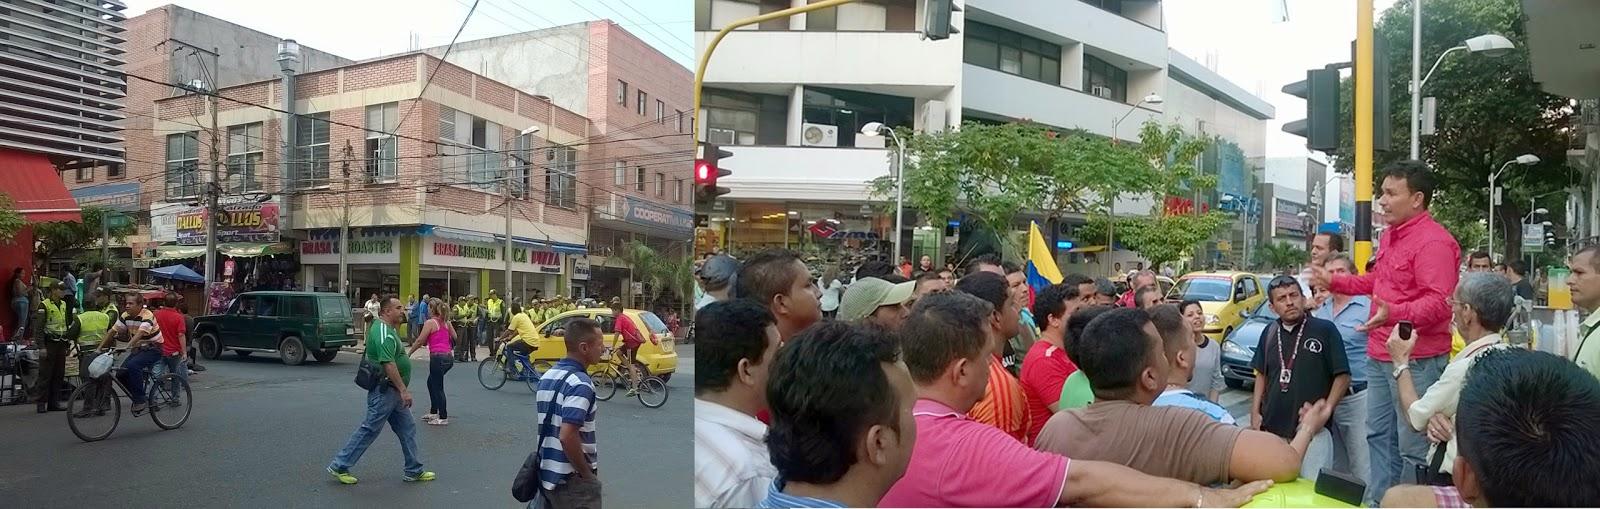 policia-se-toma-el-centro-de-cucuta--taxistas-protestan-pacíficamente--implementan-sistema-de-identificacion-biometrica-en-notarias-y-otras-noticias